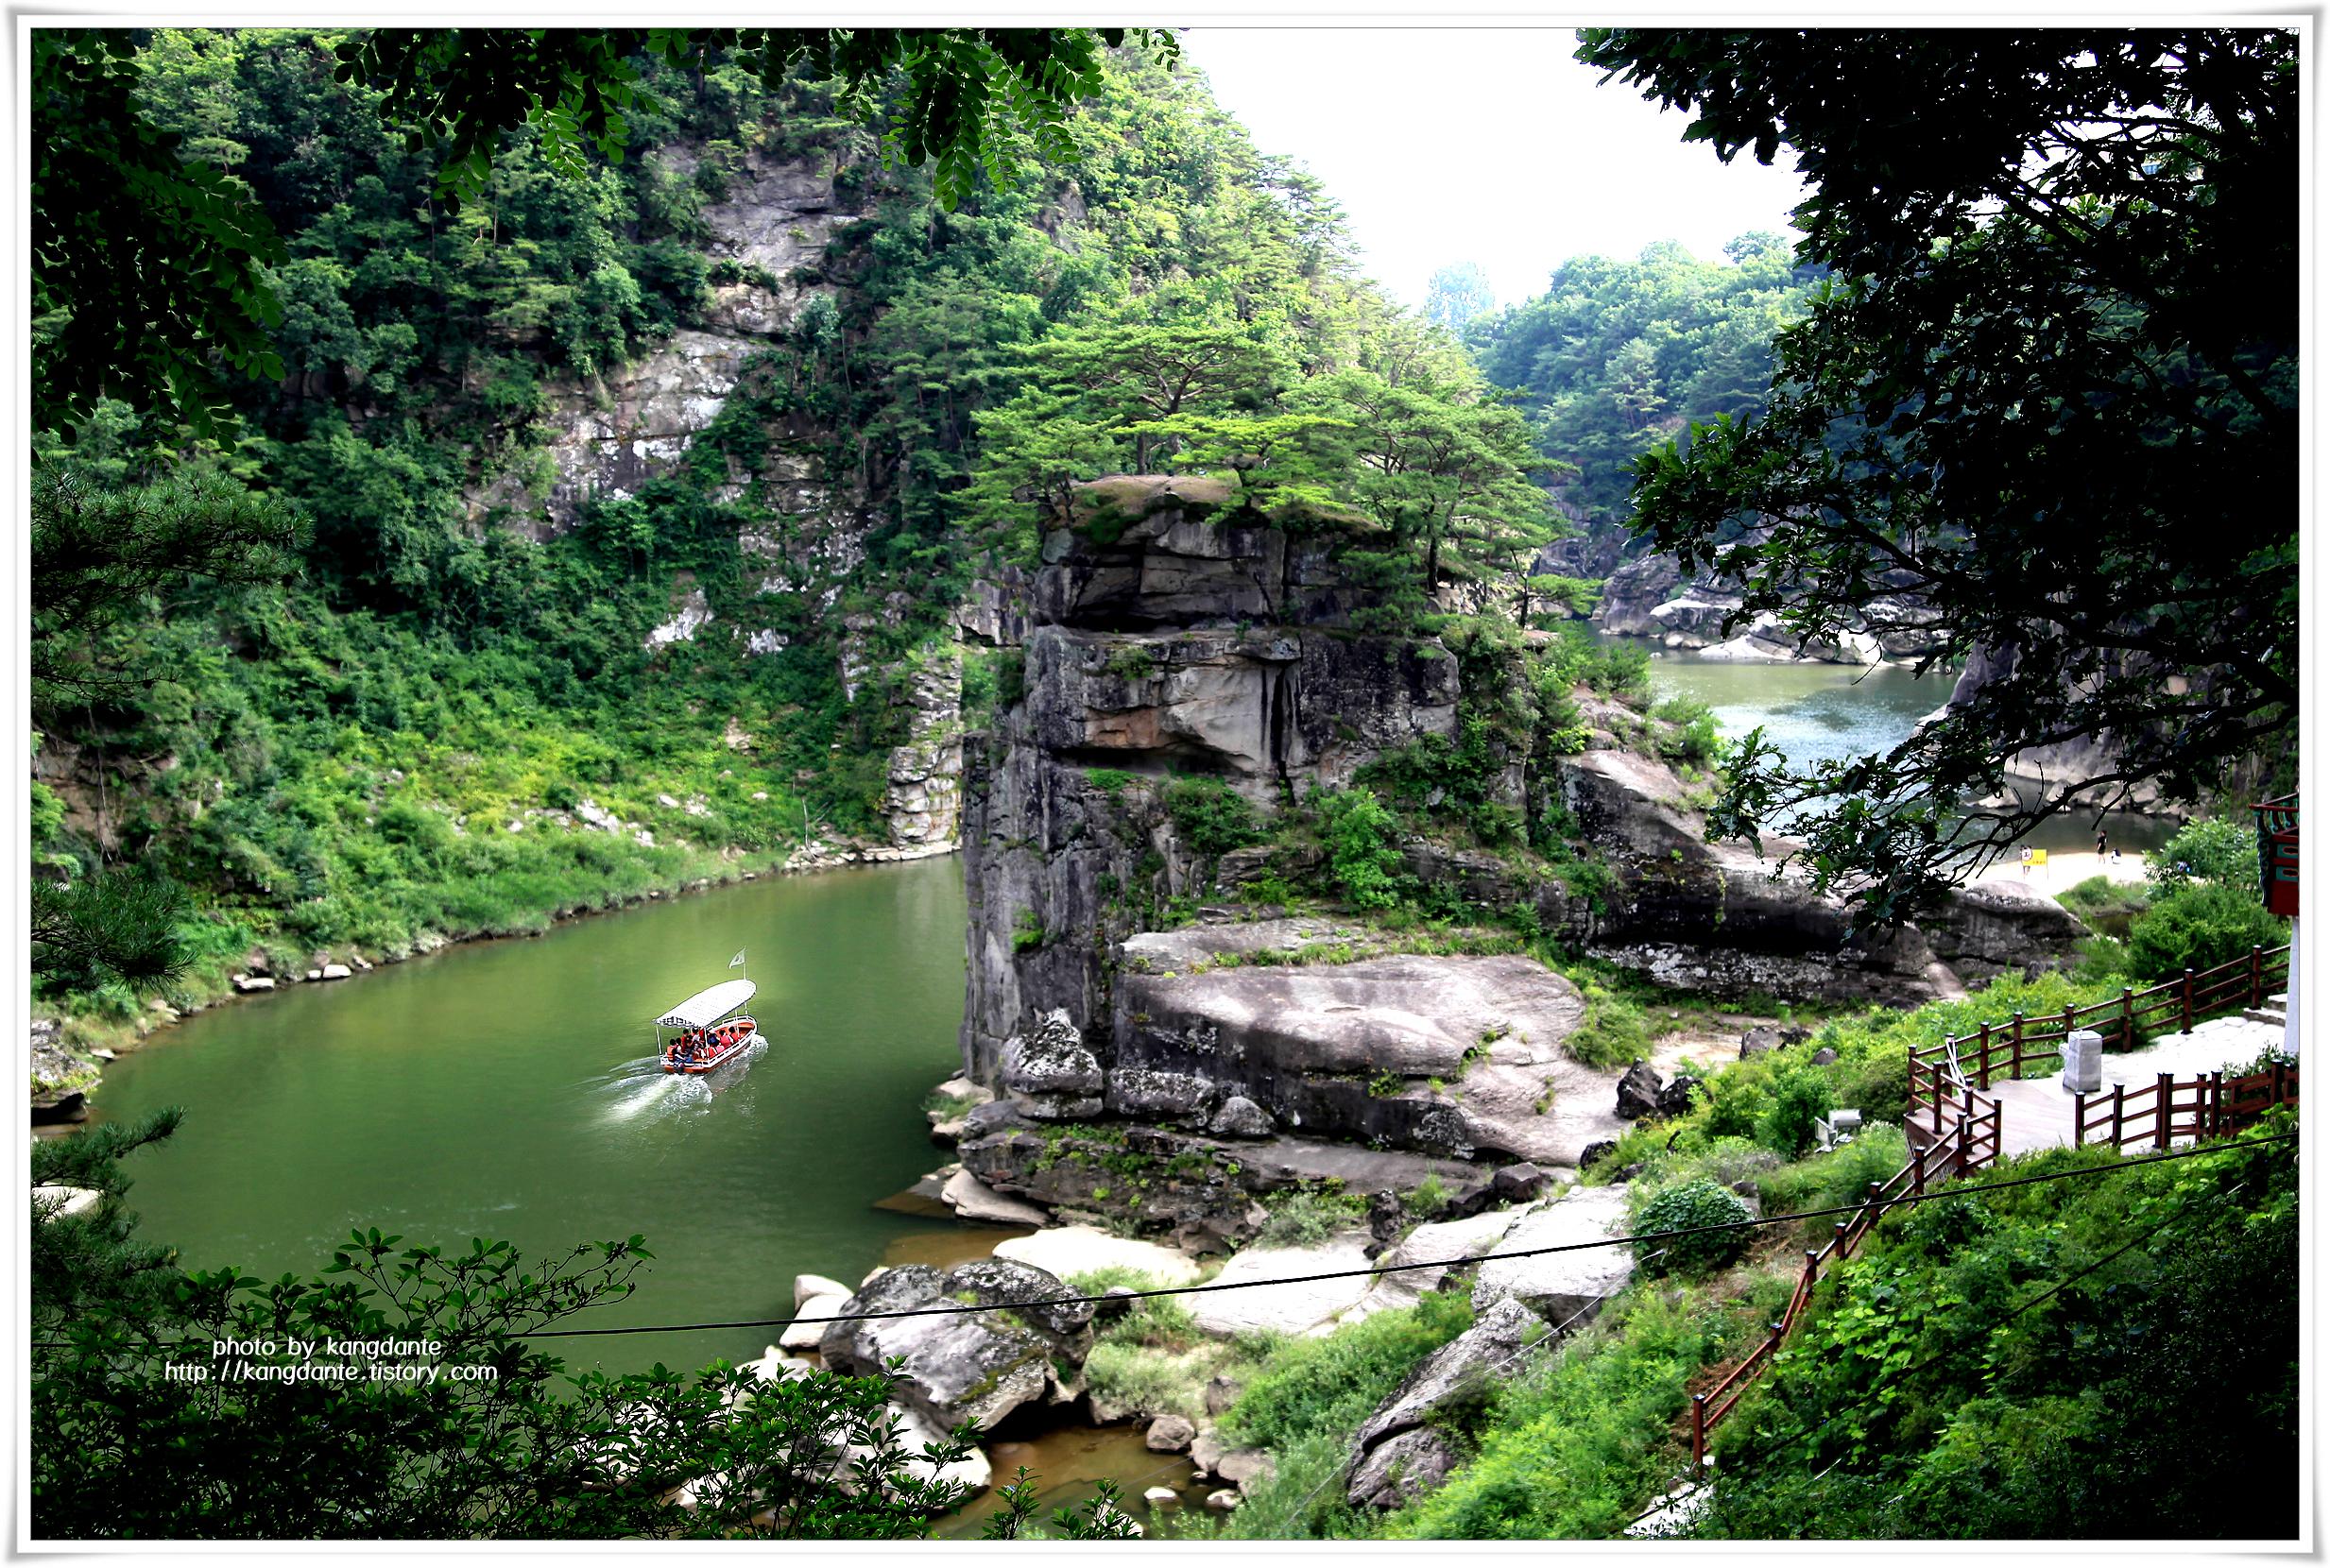 [한장의 사진] 한탄강 고석정(孤石亭)